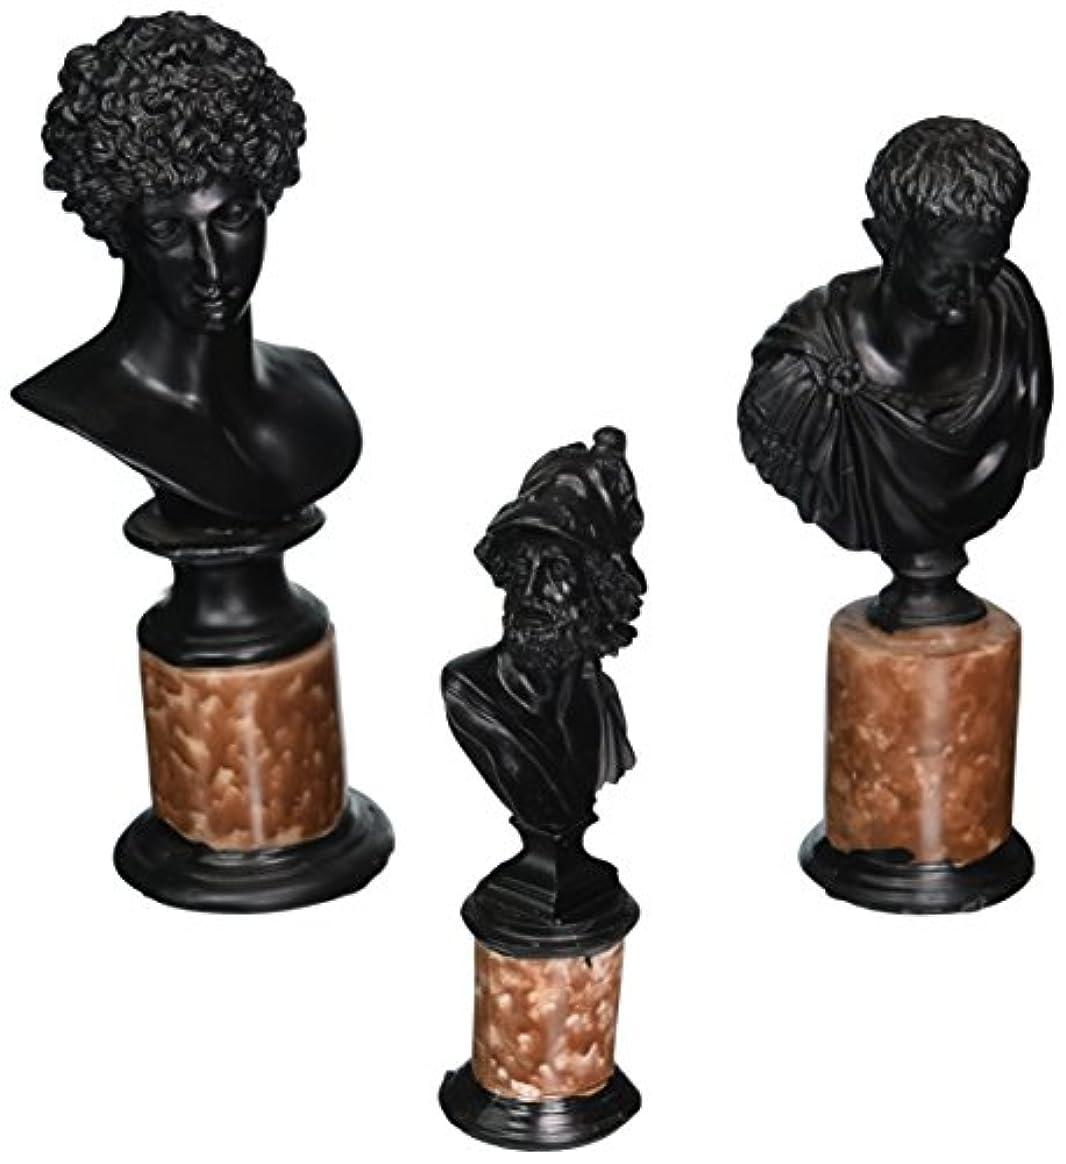 エンジニア編集者ハッチDesign Toscano Heroes of Antiquity Ajax Caesar and Adonis Sculptural Busts